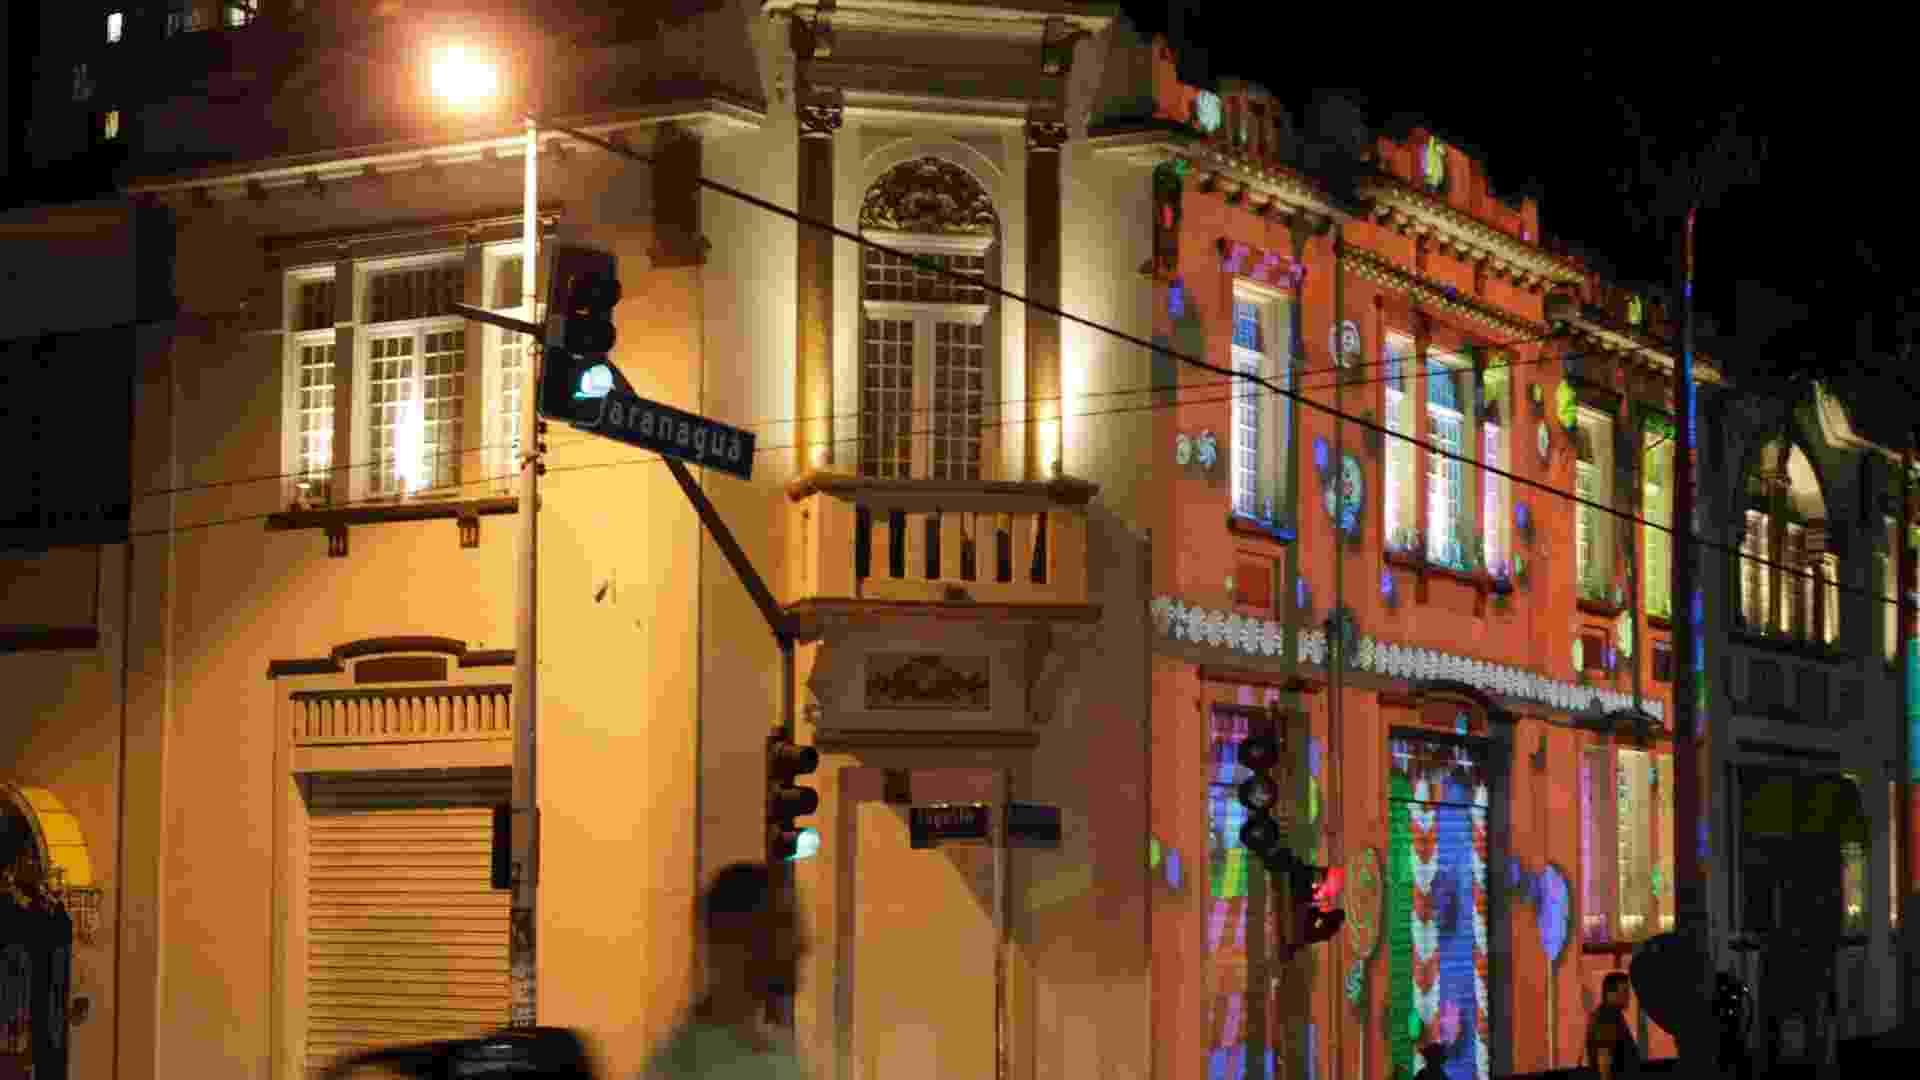 Cerca de 14 fachadas da Rua Augusta, em São Paulo, são iluminadas por imagens, luzes e cores a noite de São Paulo na terceira edição da Video Guerrilha, iniciativa que fará projeções gigantes nas fachadas - Fernando Donasci/UOL